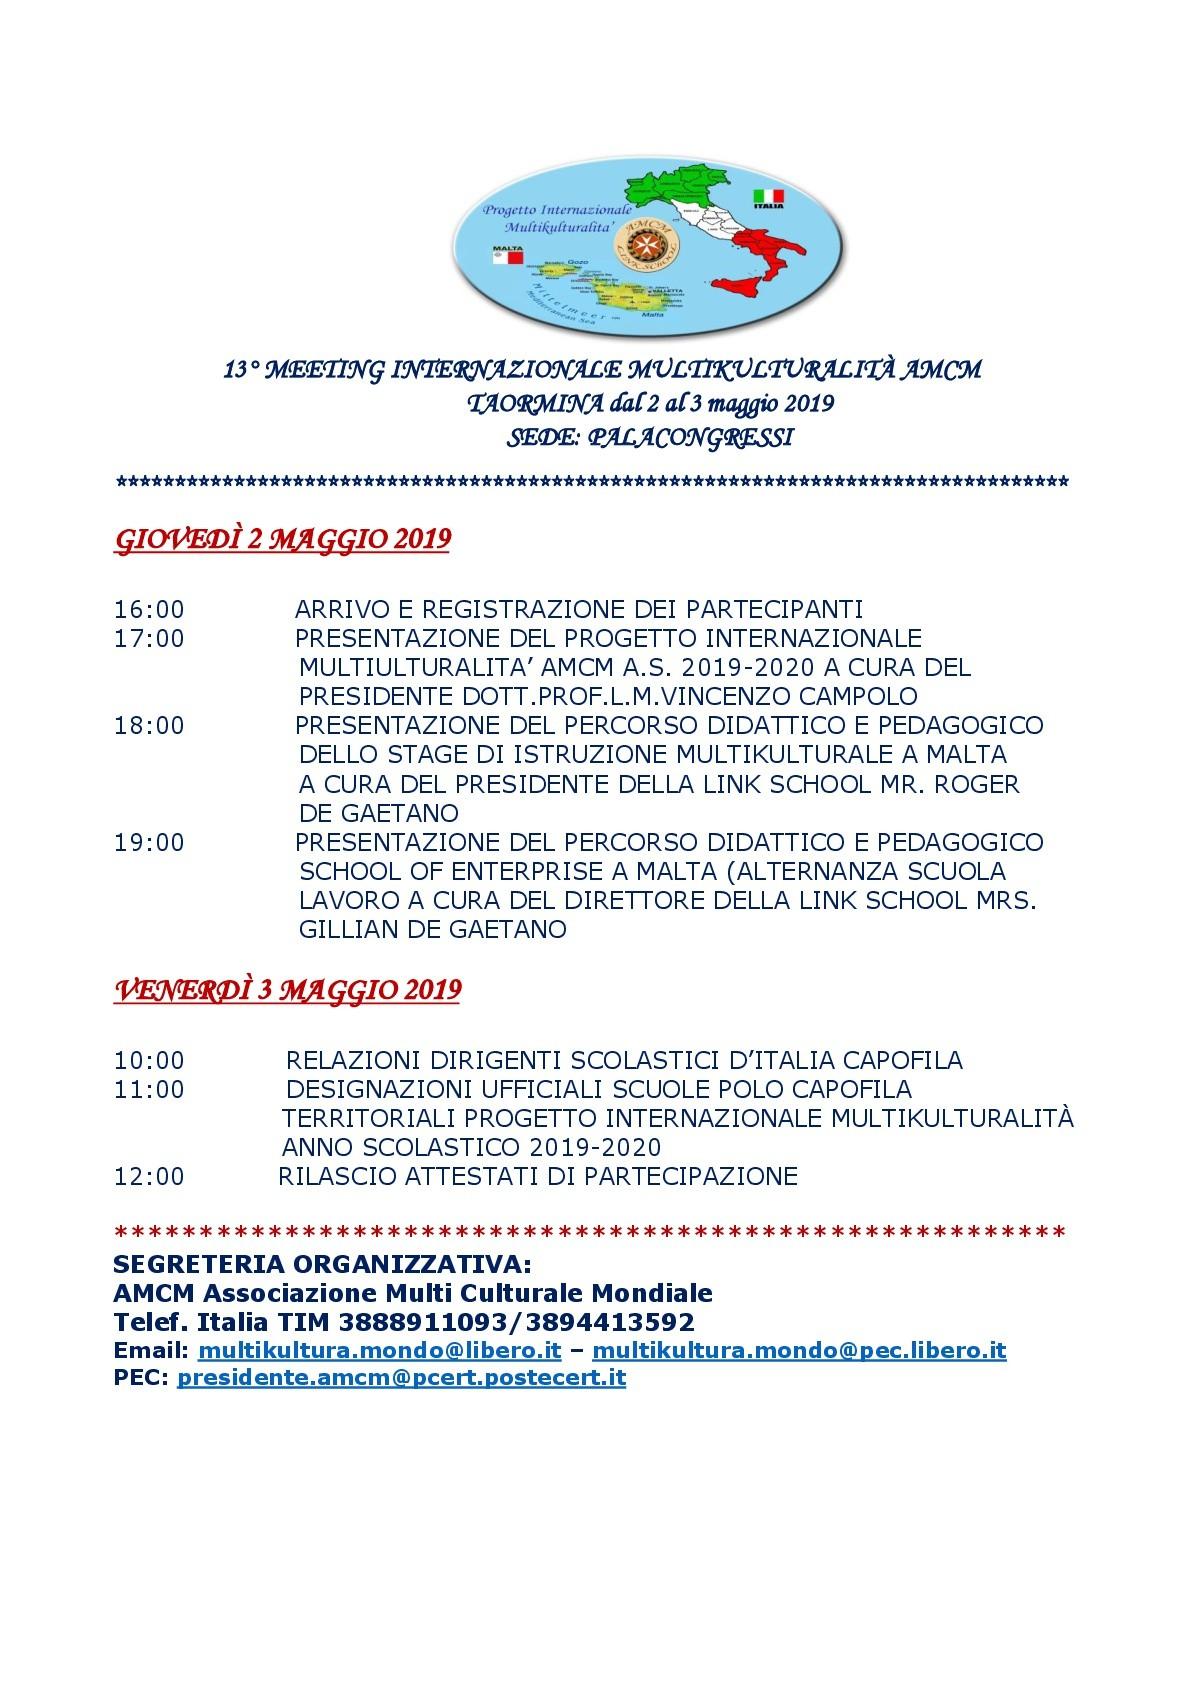 Calendario 2019 Aprile Maggio Más Recientes Home Page Of Calendario 2019 Aprile Maggio Más Recientes Calaméo Citt Nostra Udine Del 21 06 2011 N 1283